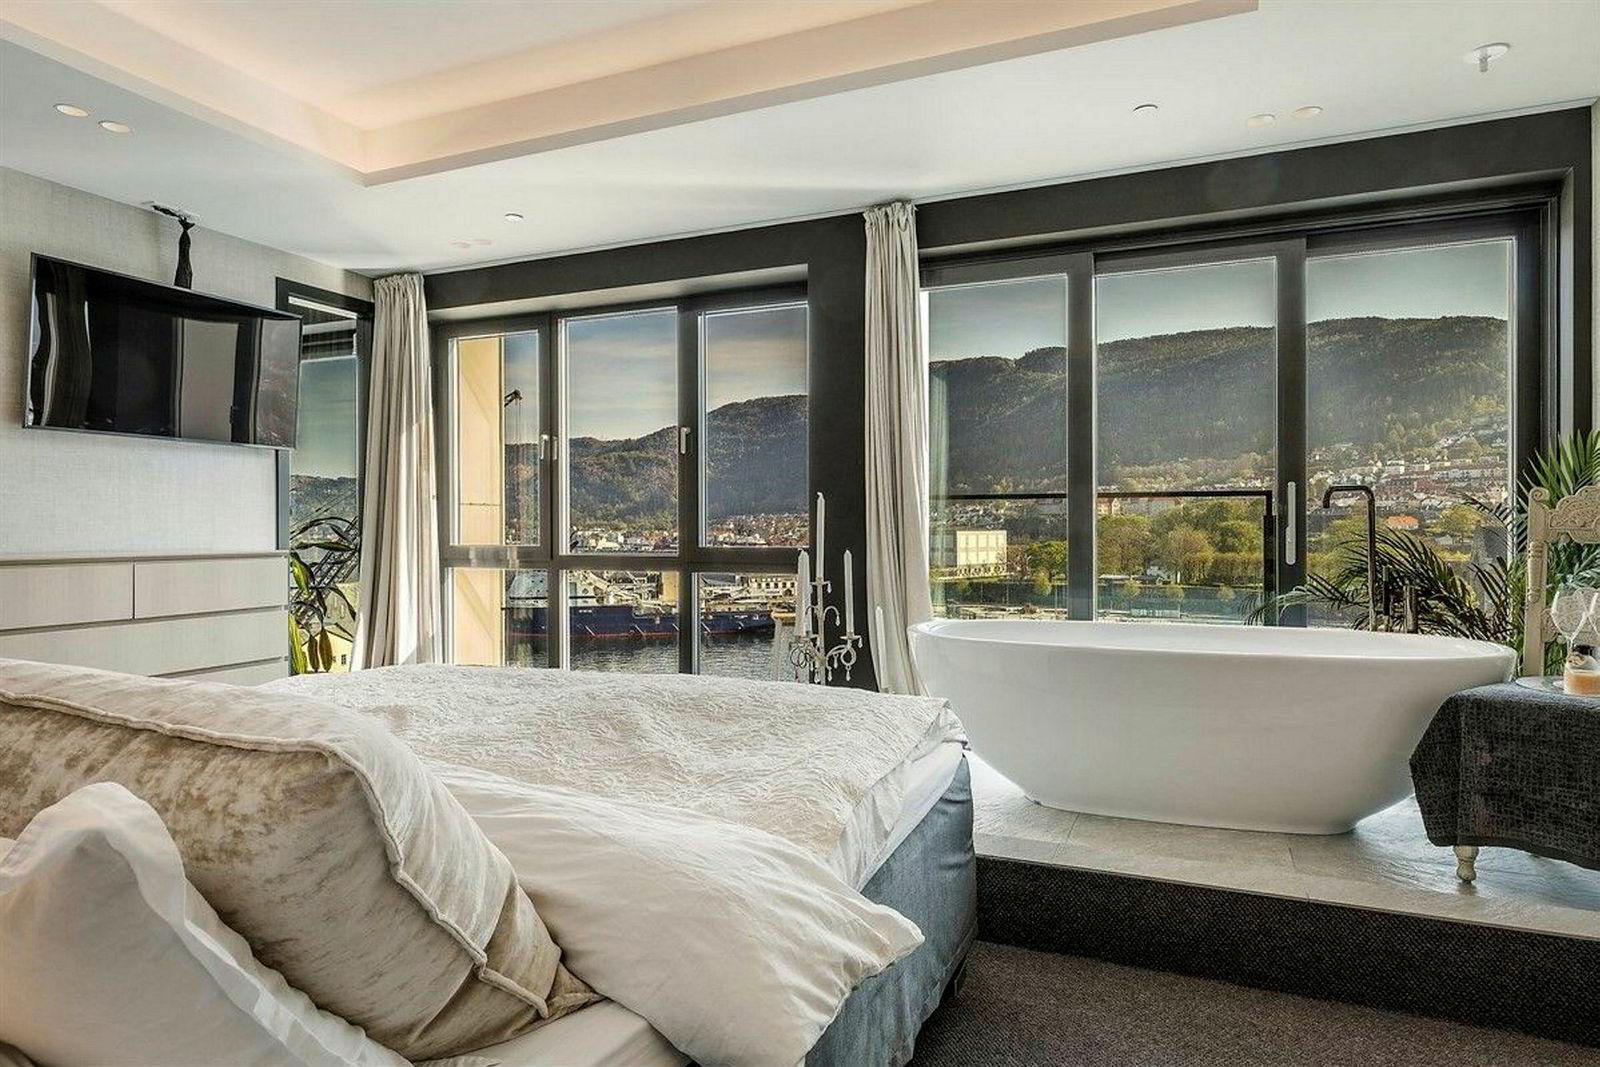 Hvis den 338 kvadratmeter store leiligheten på Nordnes Brygge i Bergen blir solgt til prisantydning på 37 millioner kroner, kan den sette ny rekord i Bergen for leiligheter.